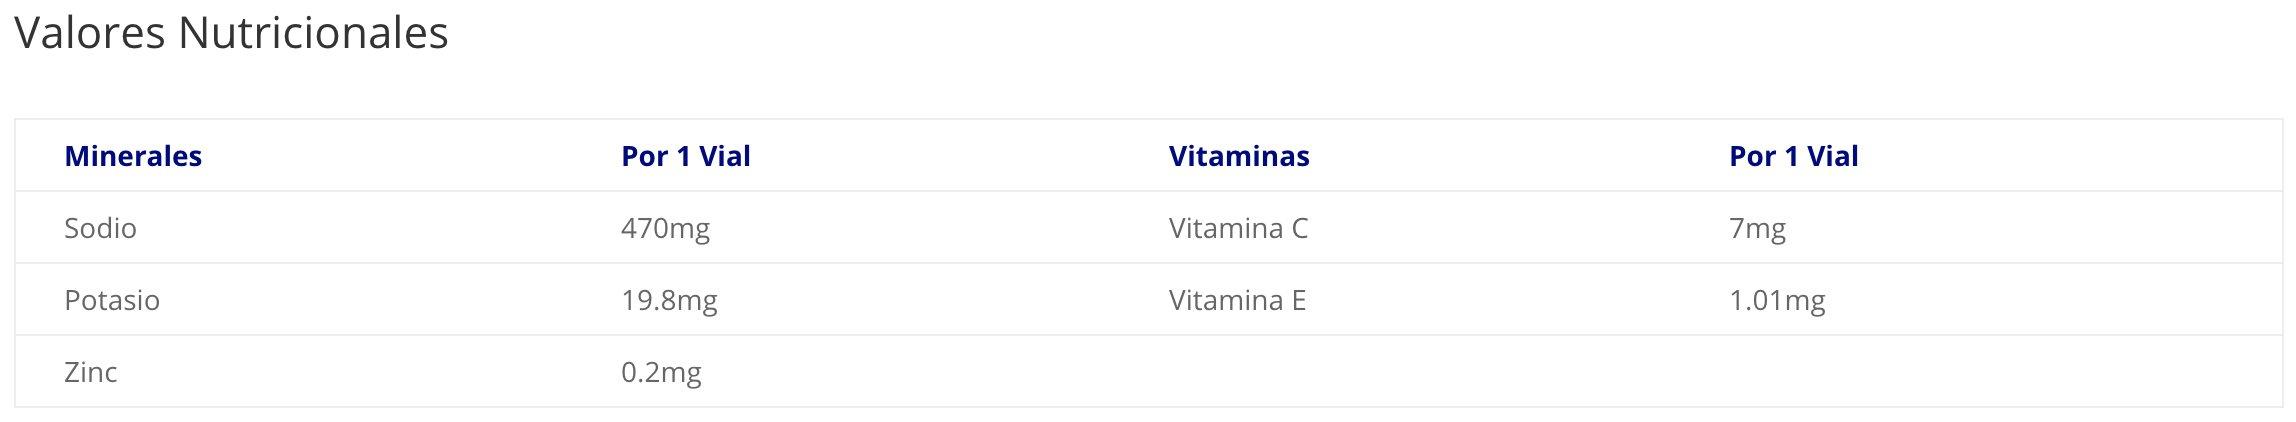 SCIENTIFFIC NUTRITION NO CRAMP - ELIMINA CALAMBRES